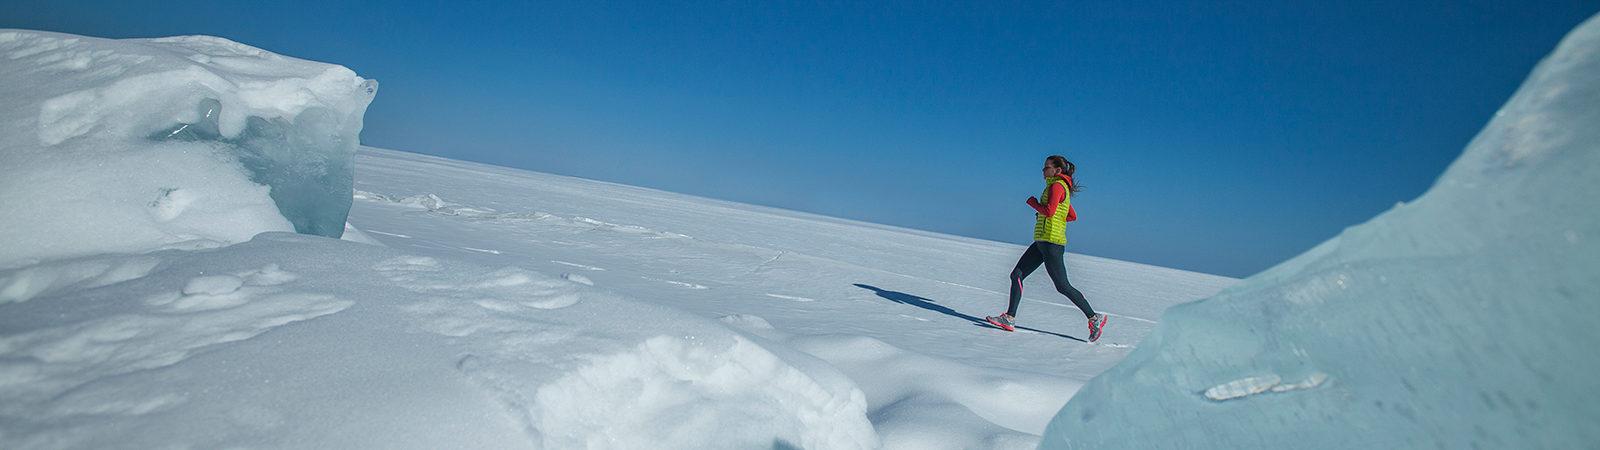 Winter Runner on Lake Superior